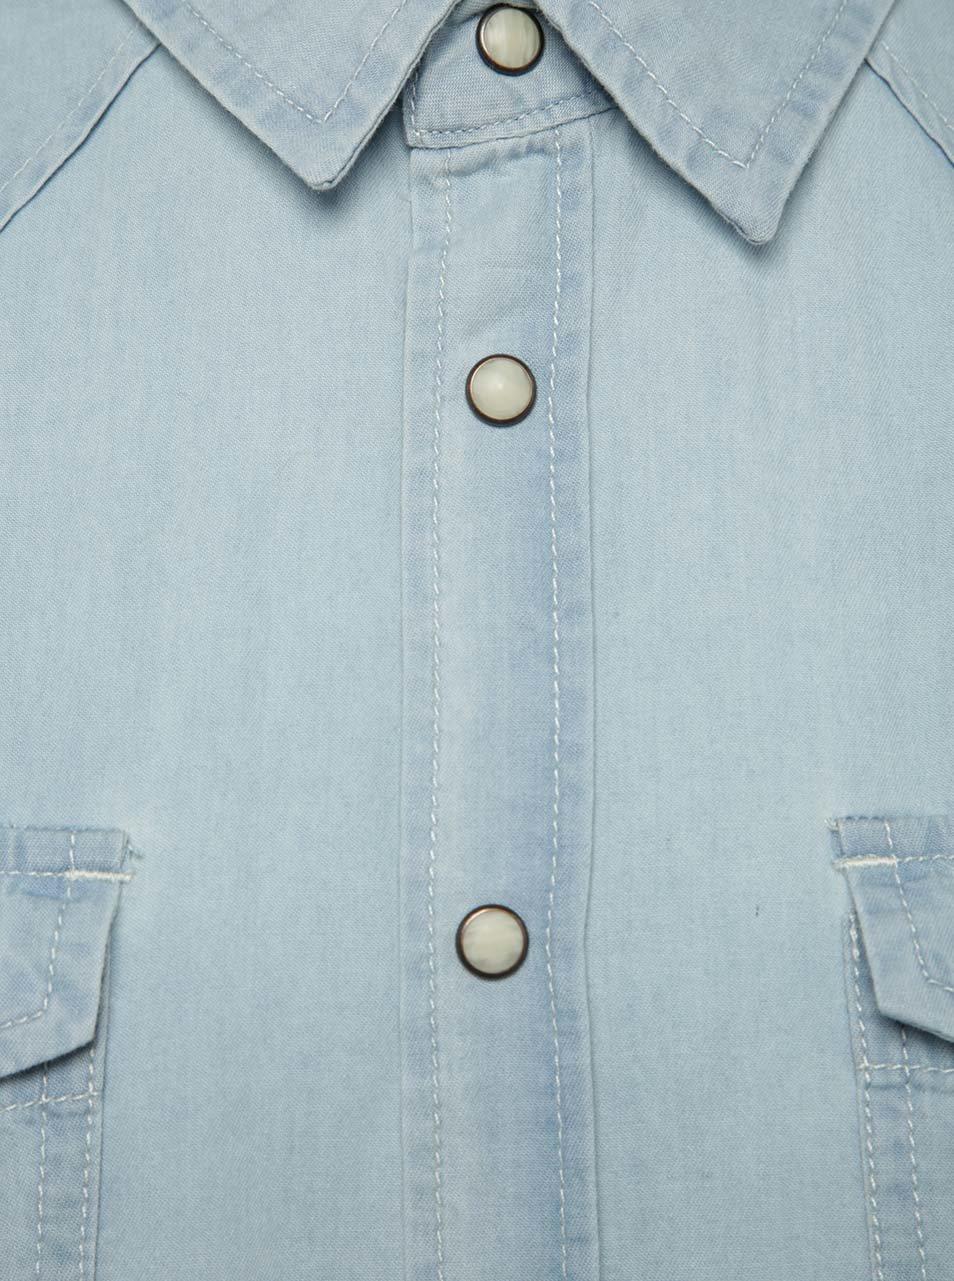 de90b17475 Svetlomodrá rifľová košeľa s krátkym rukávom Blend ...